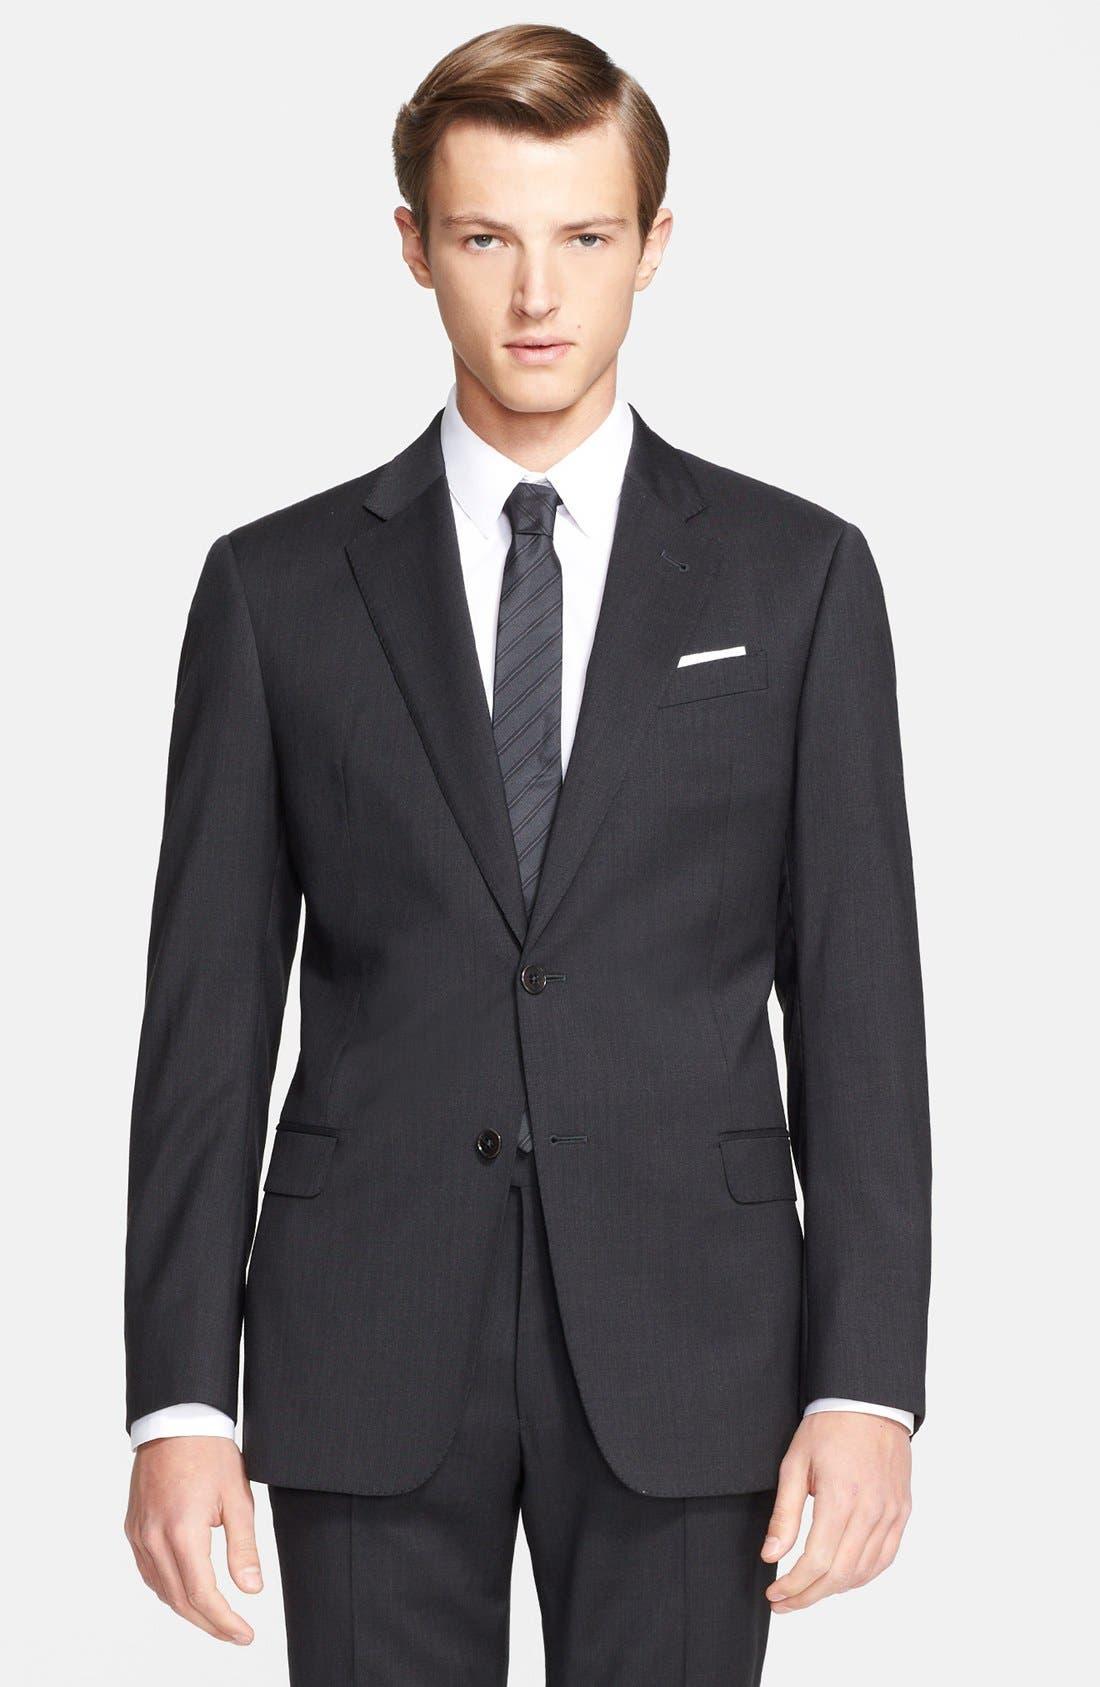 'G-Line' Trim Fit Solid Wool Suit,                             Alternate thumbnail 7, color,                             020